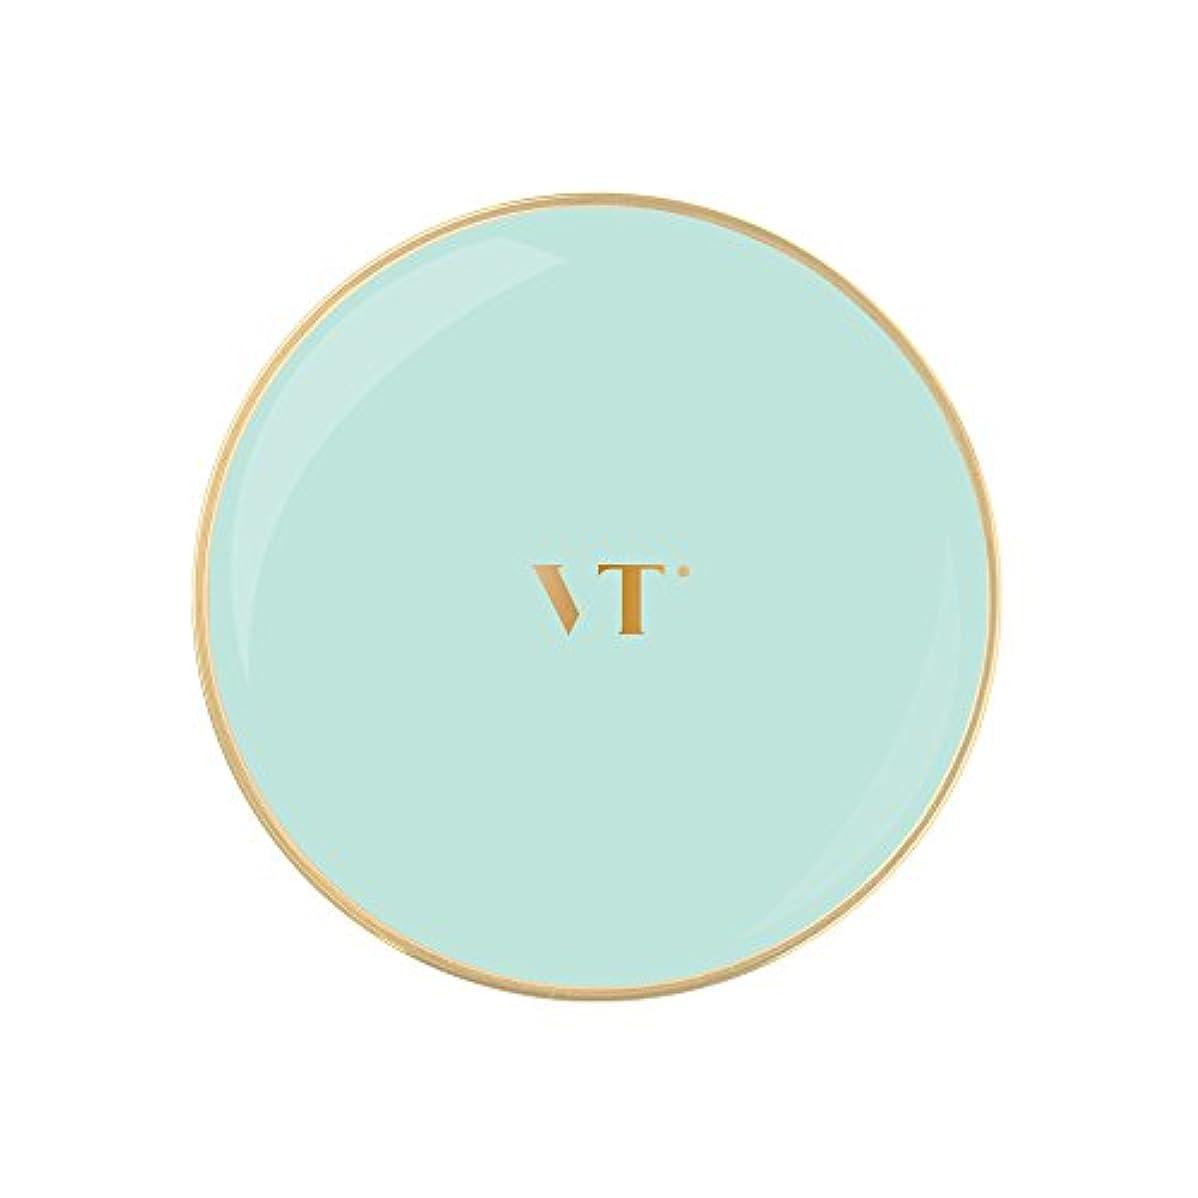 宿泊施設許容被害者VT Blue Collagen Pact 11g/ブイティー ブルー コラーゲン パクト 11g (#21) [並行輸入品]